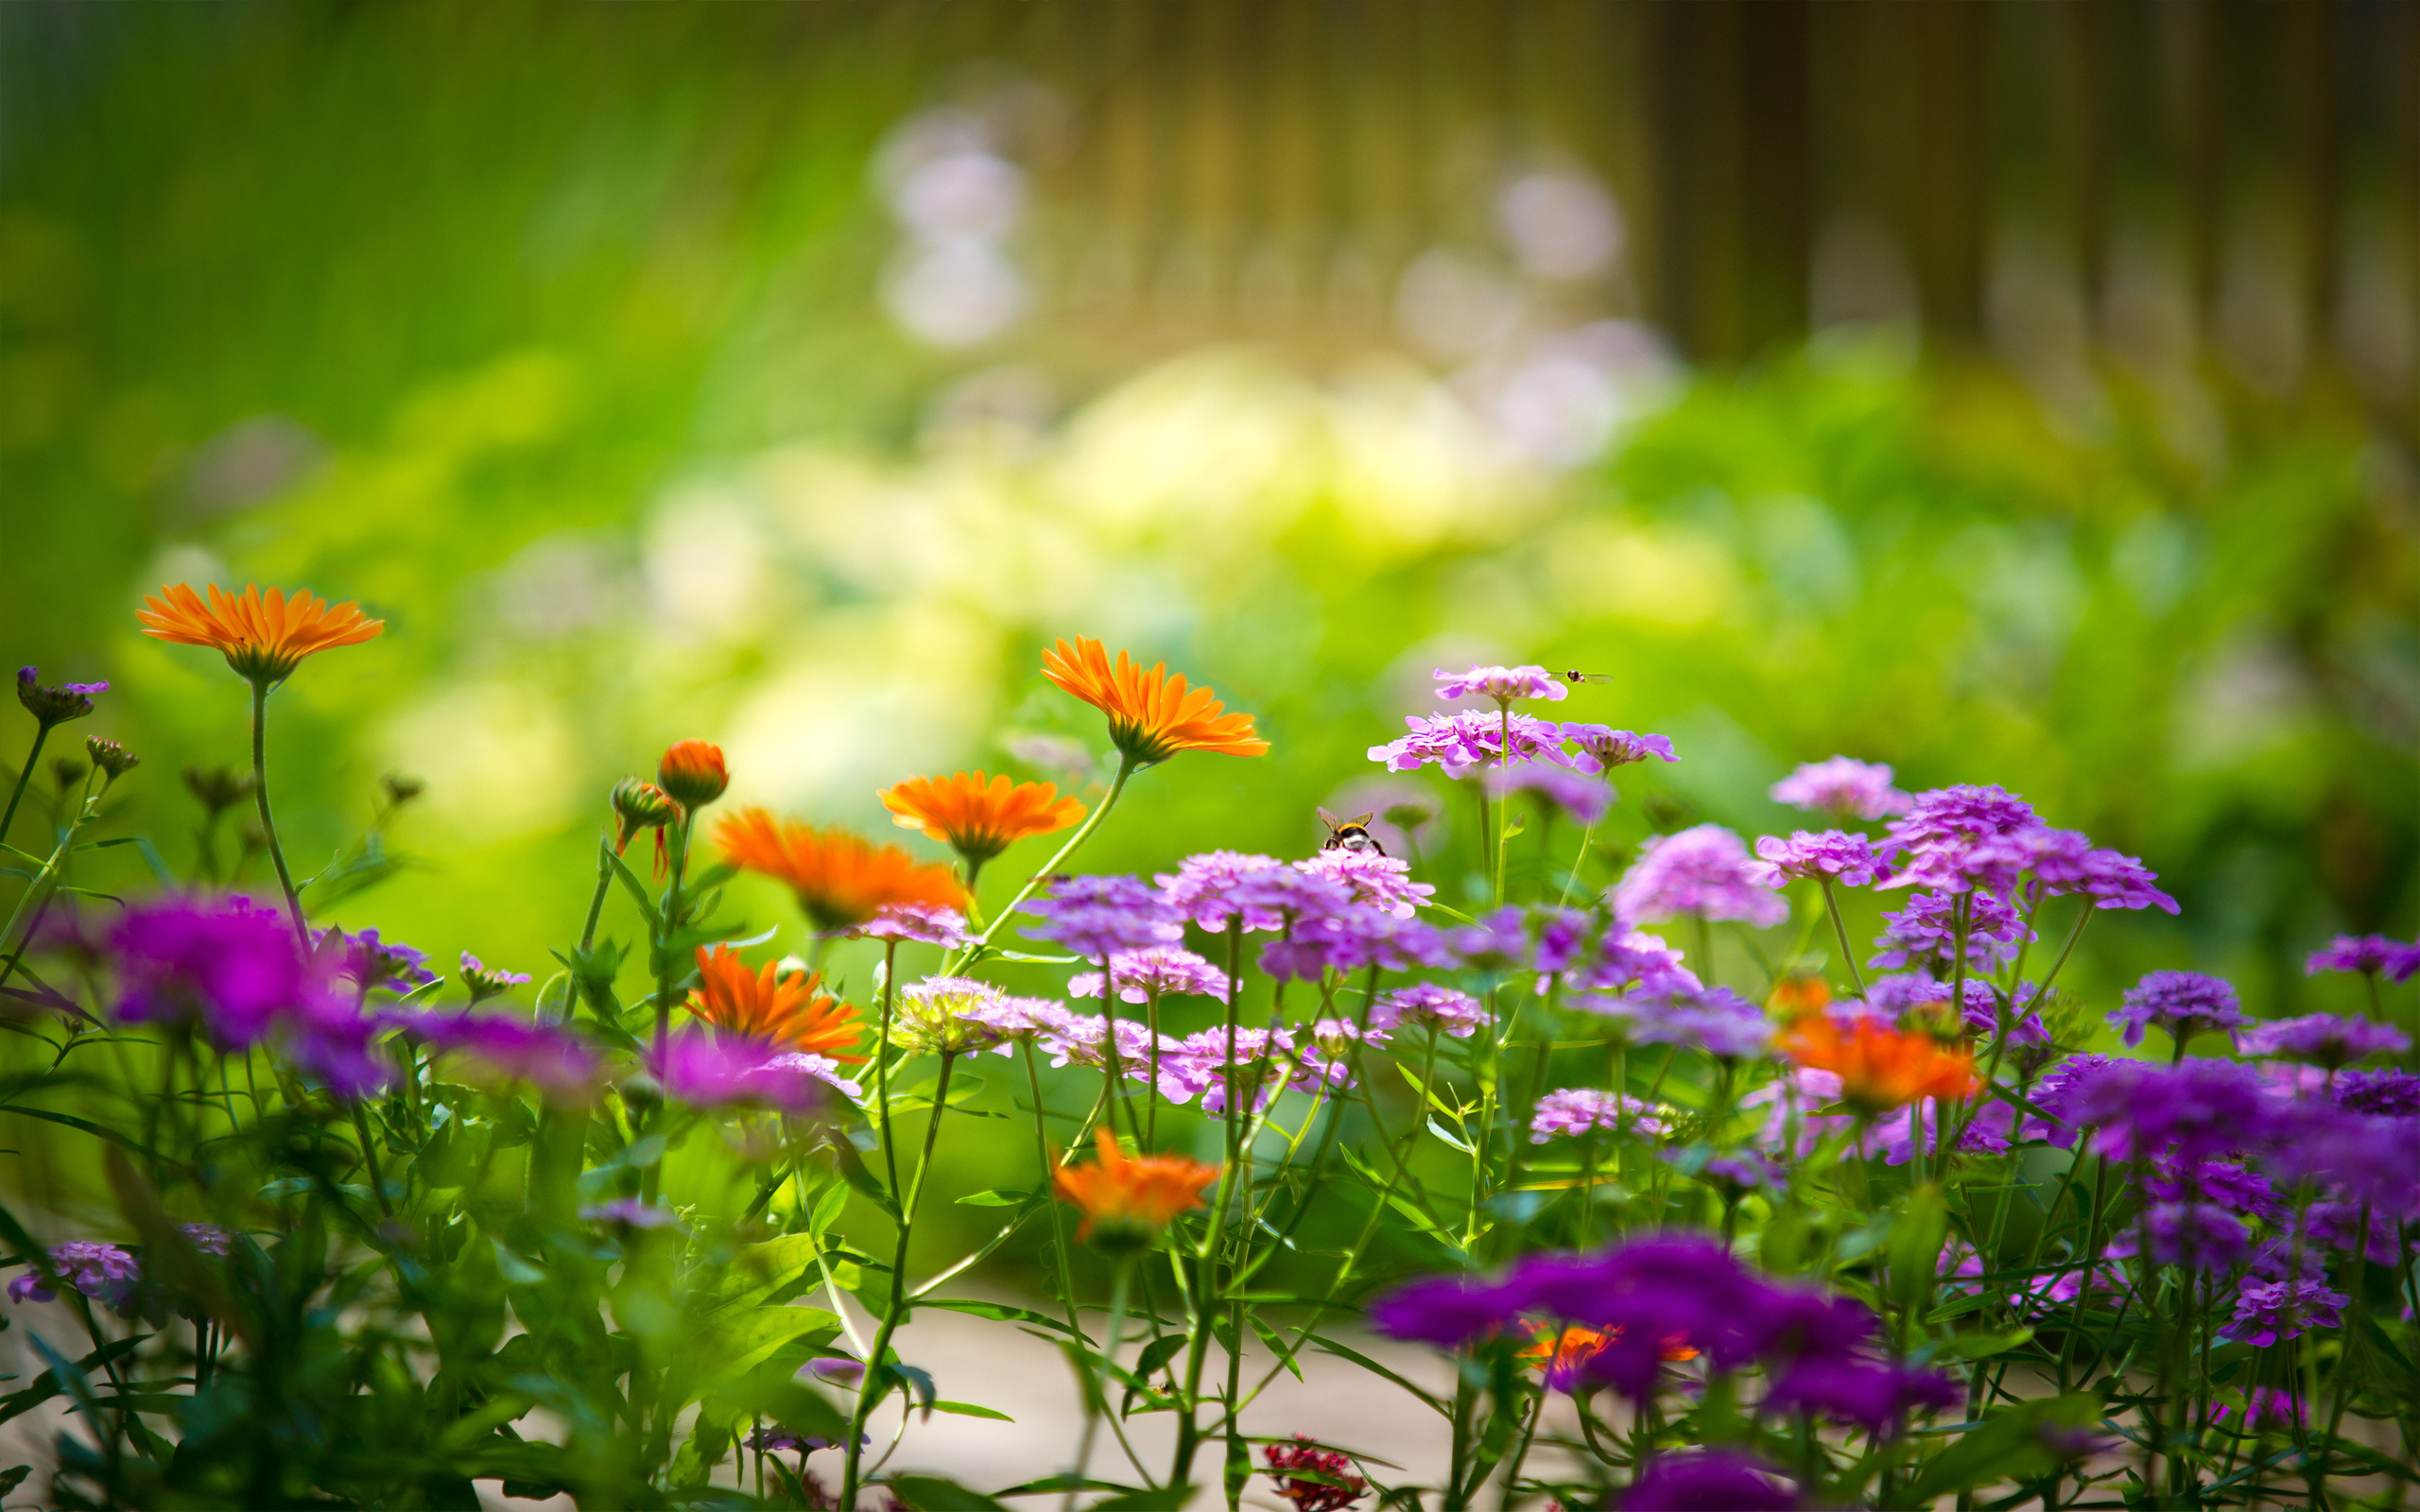 фото лето природа